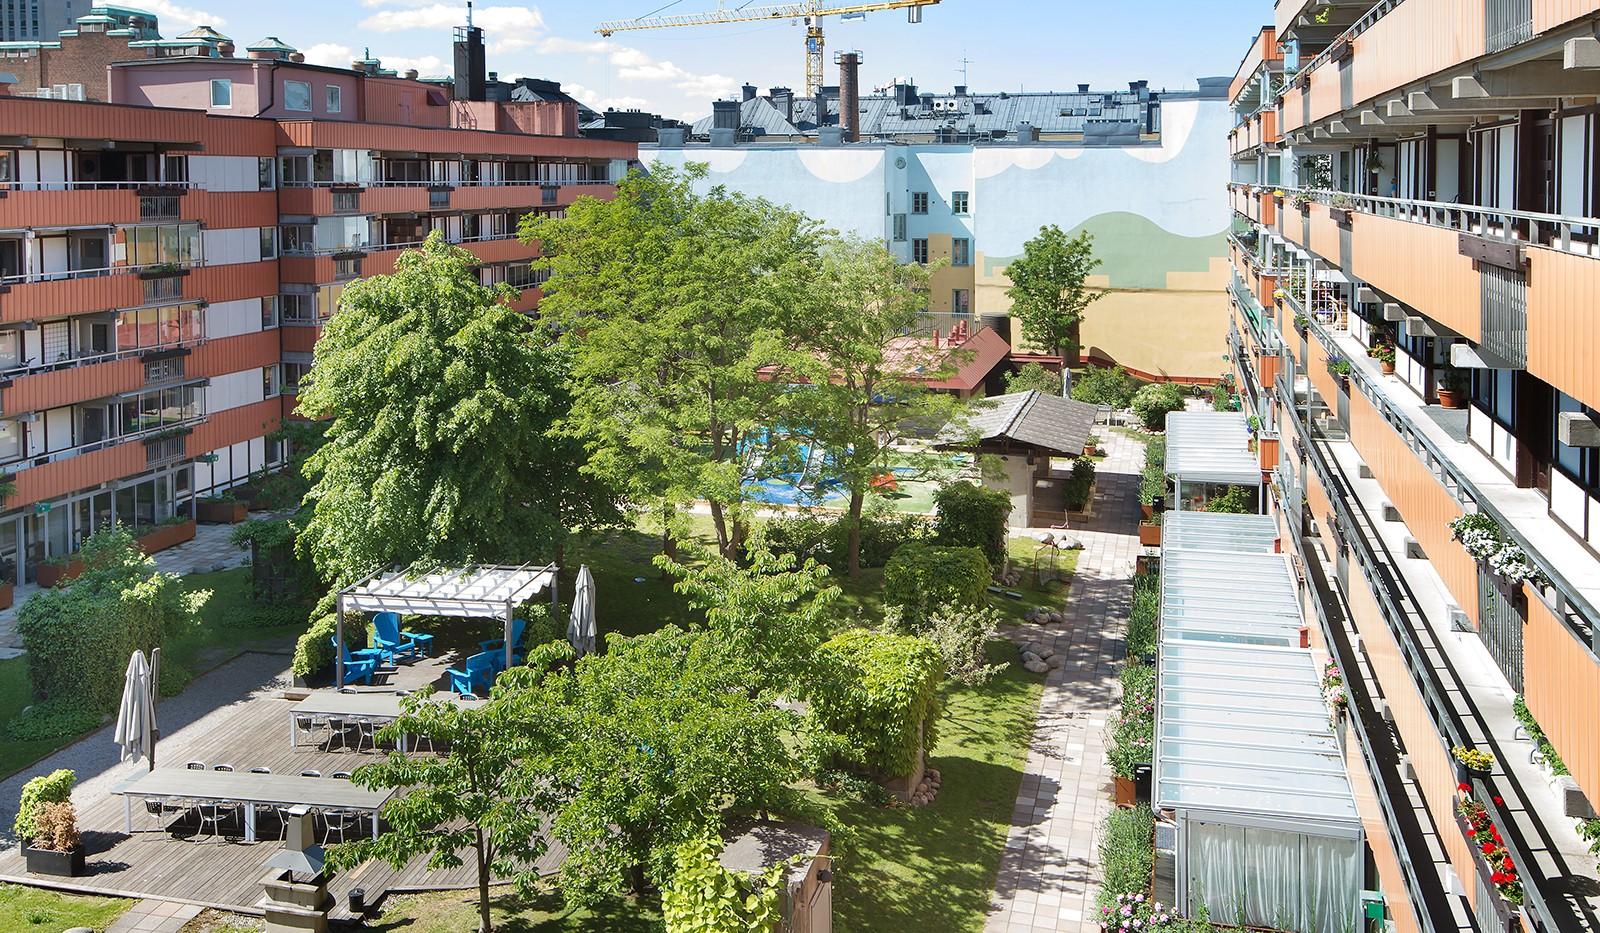 Kocksgatan 9, 5/5tr - Föreningens fantastisk innergård